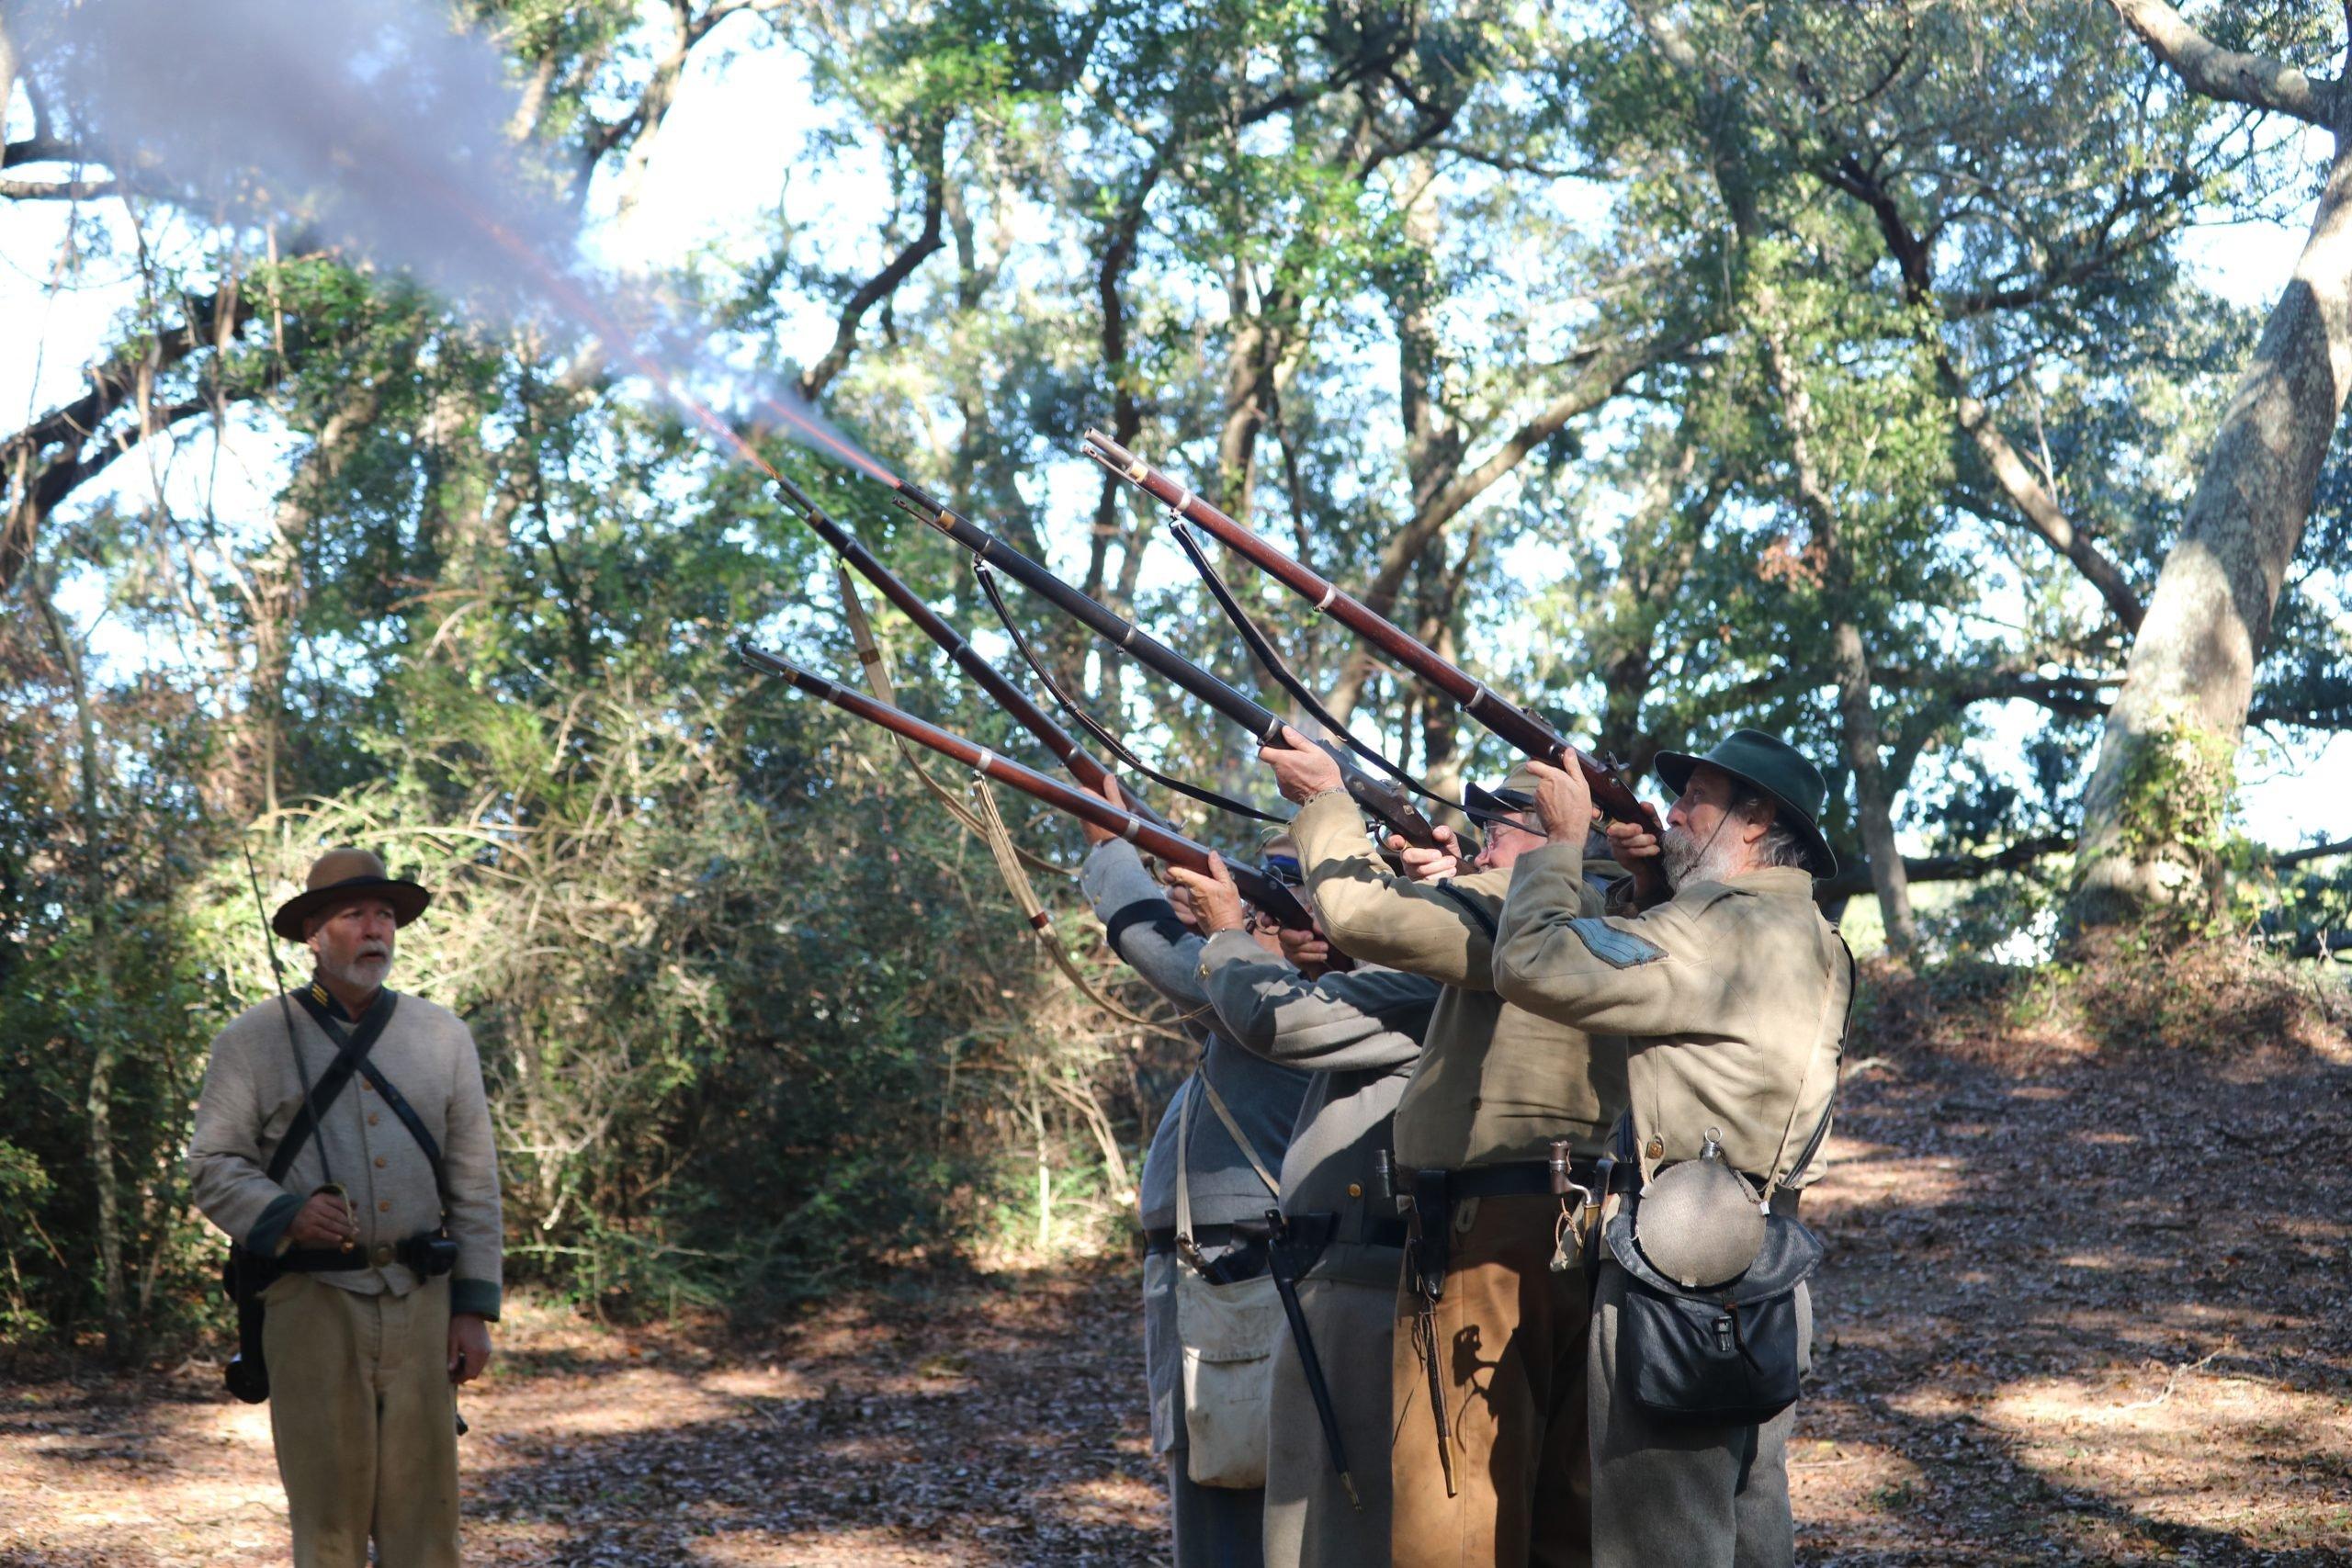 Battle of Secessionville Re-Enactment 4